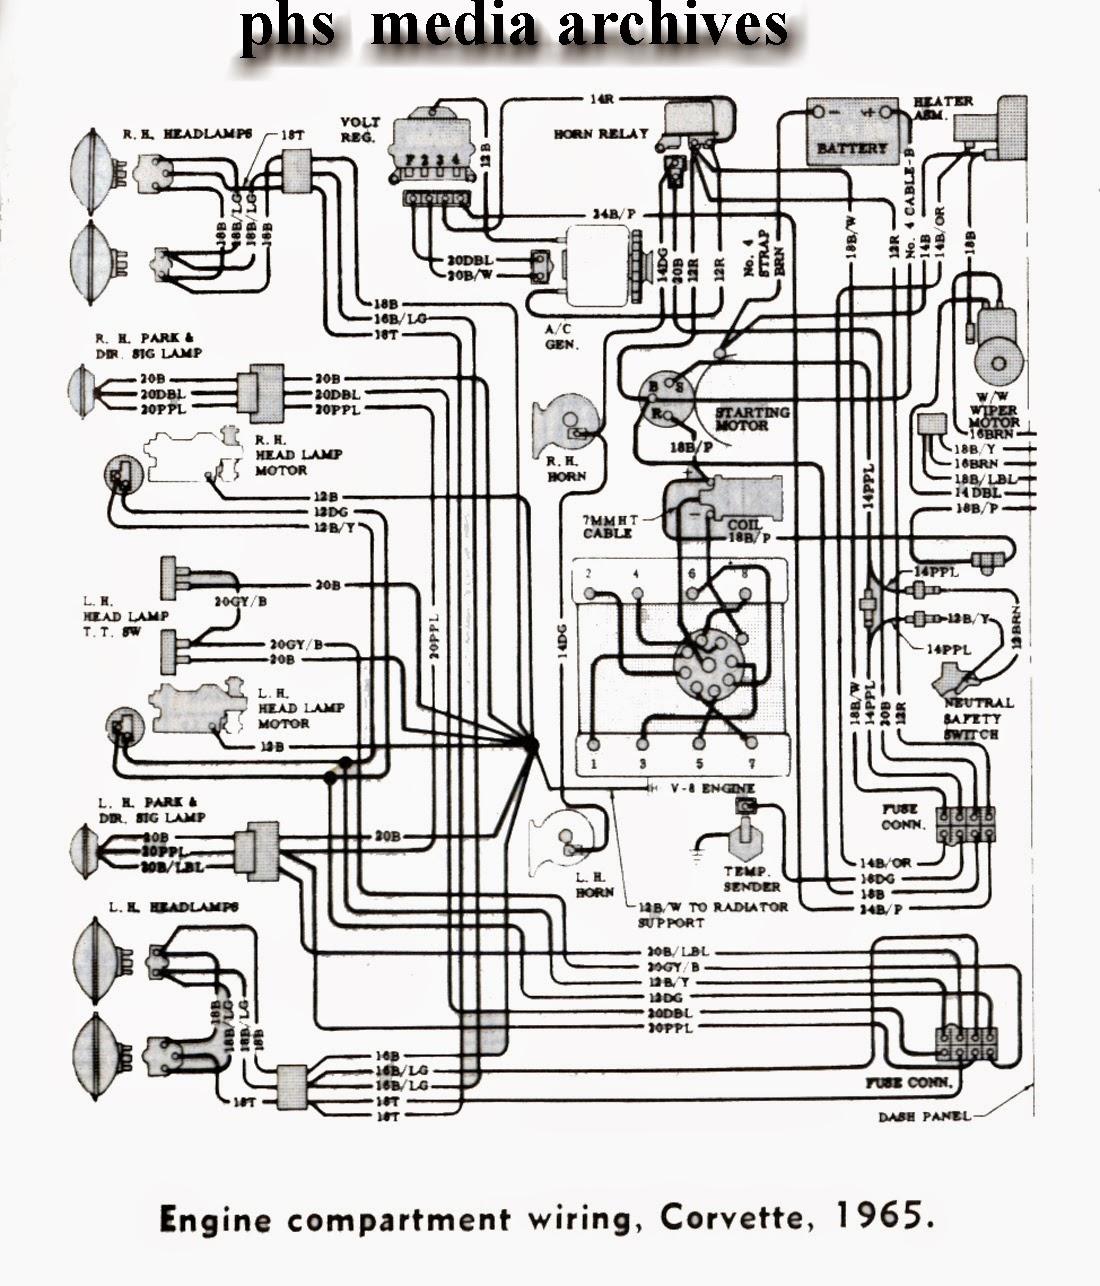 1965 nova wiring schematic dt 3538  1965 chevy corvair truck wiring diagram free diagram  1965 chevy corvair truck wiring diagram